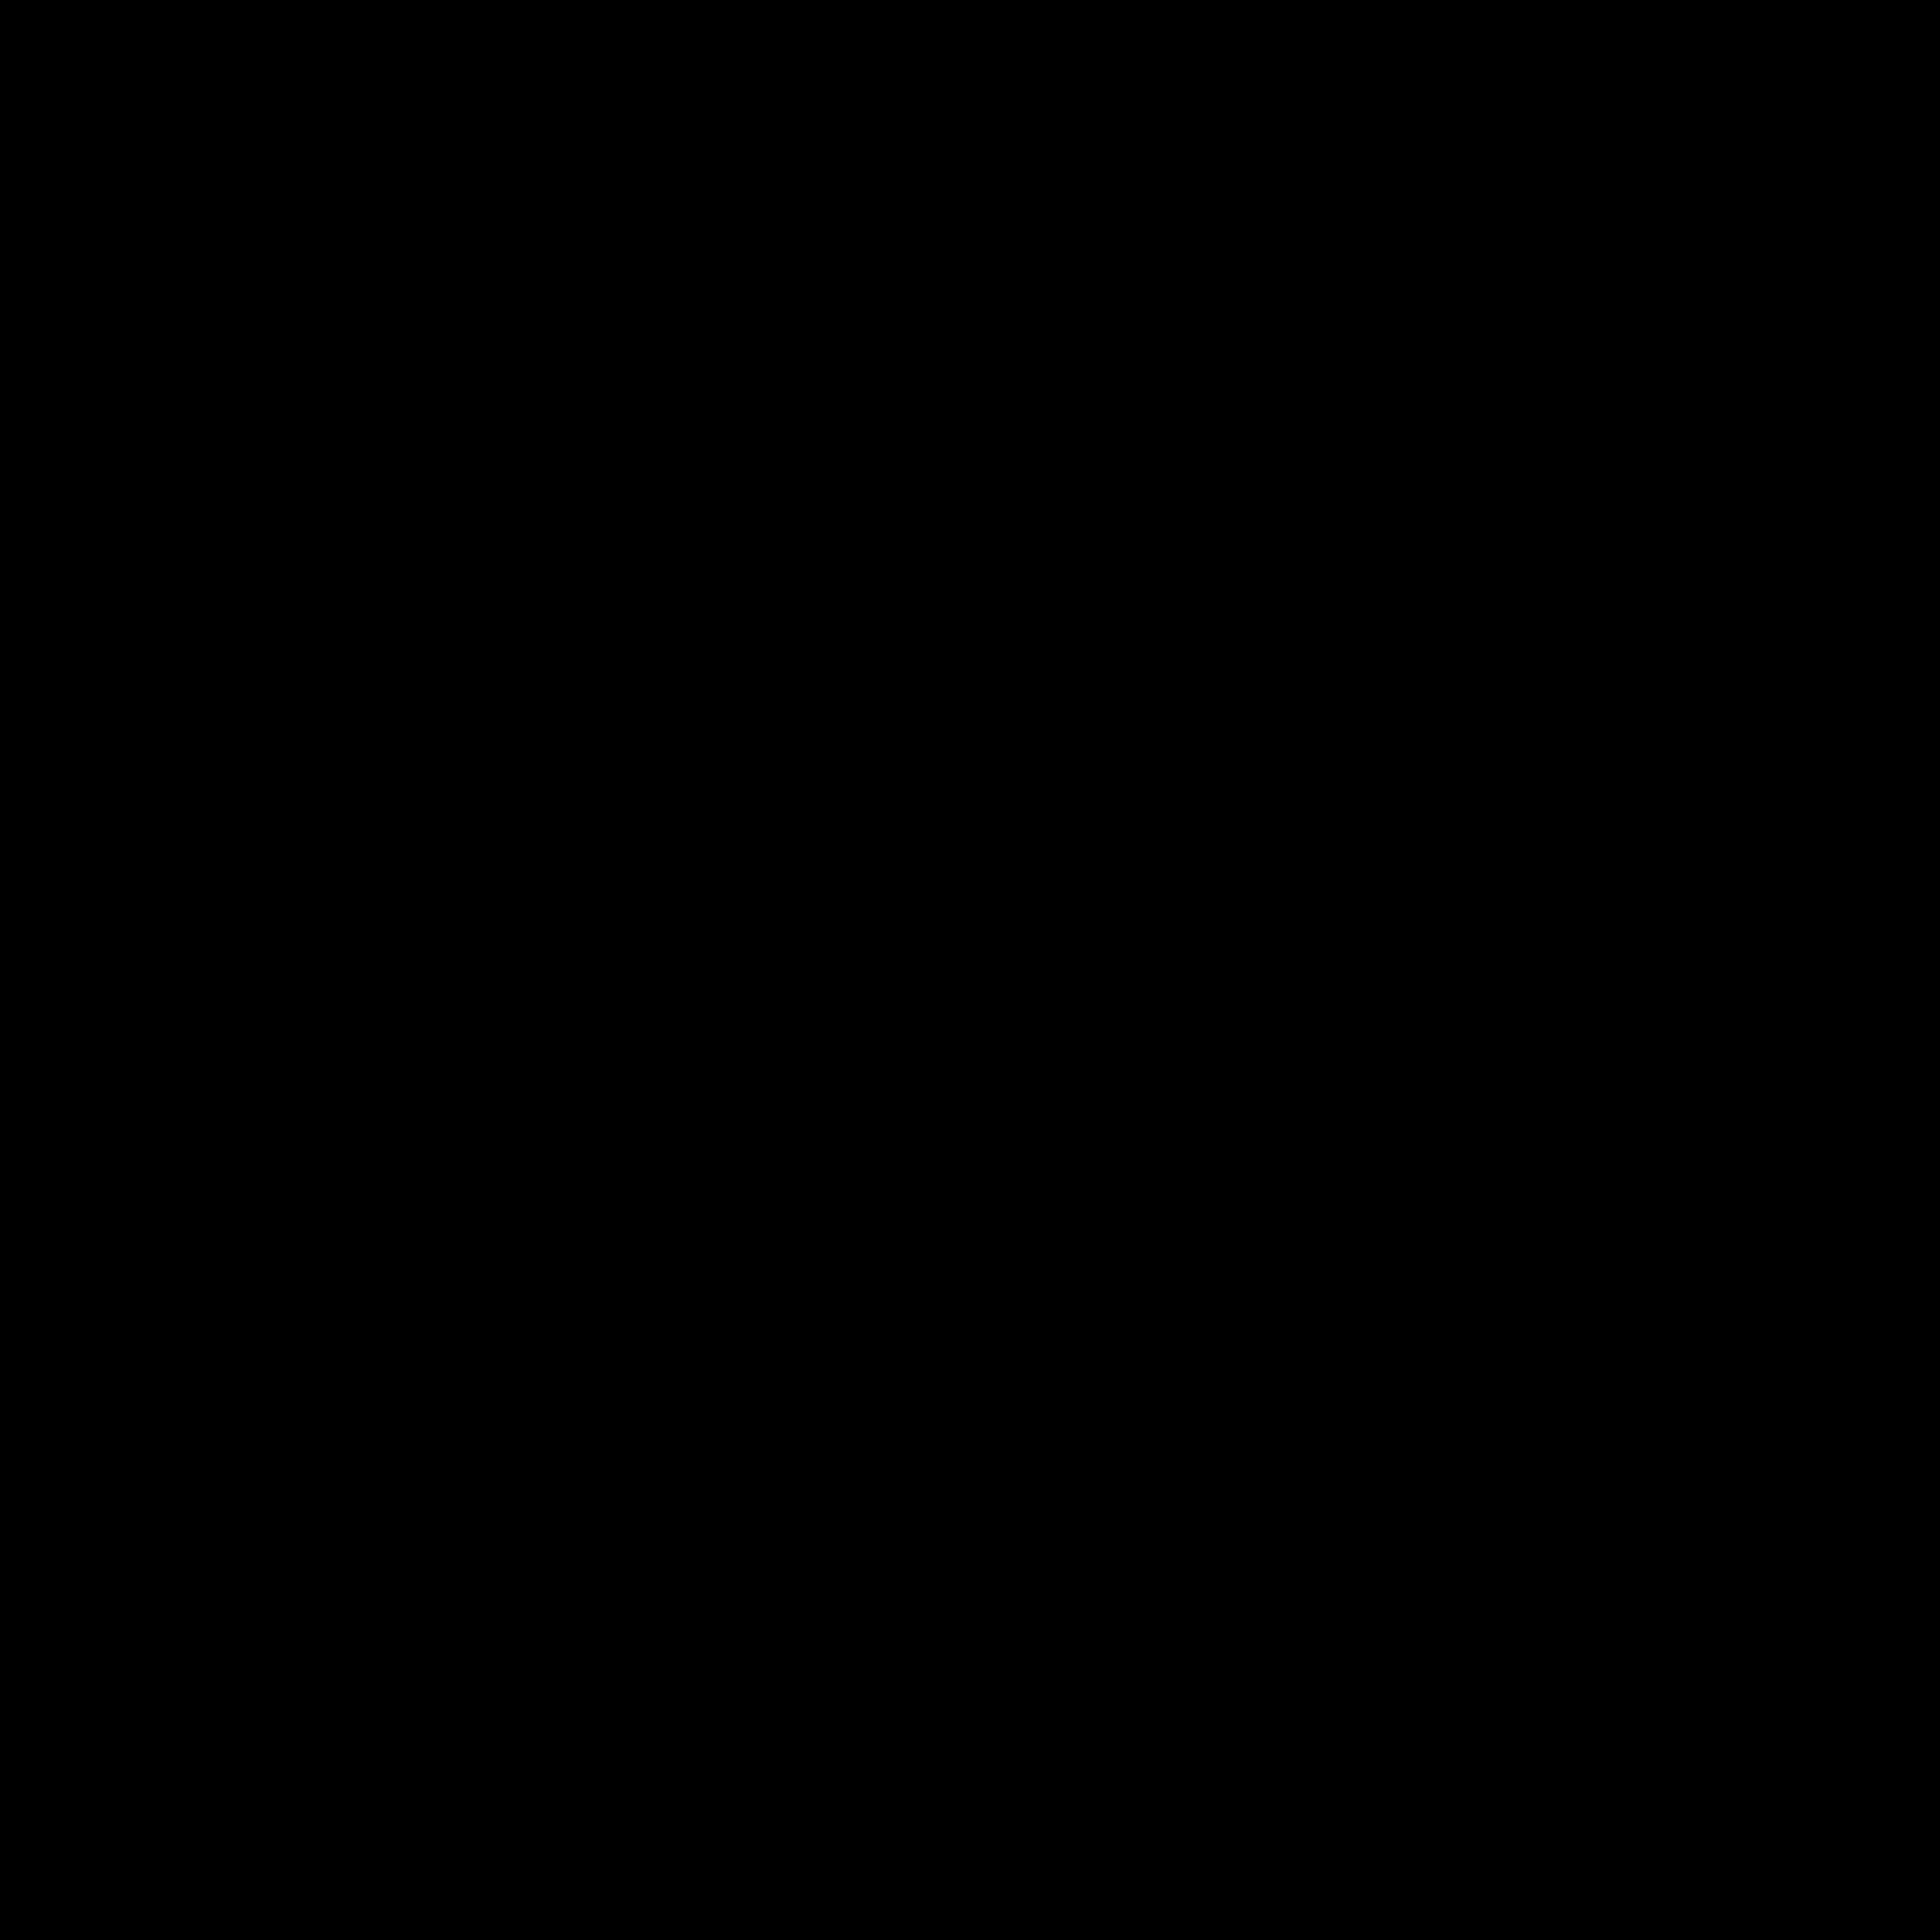 Mid 500 Right/Left Men's/Women's Knee Ligament Support - Black